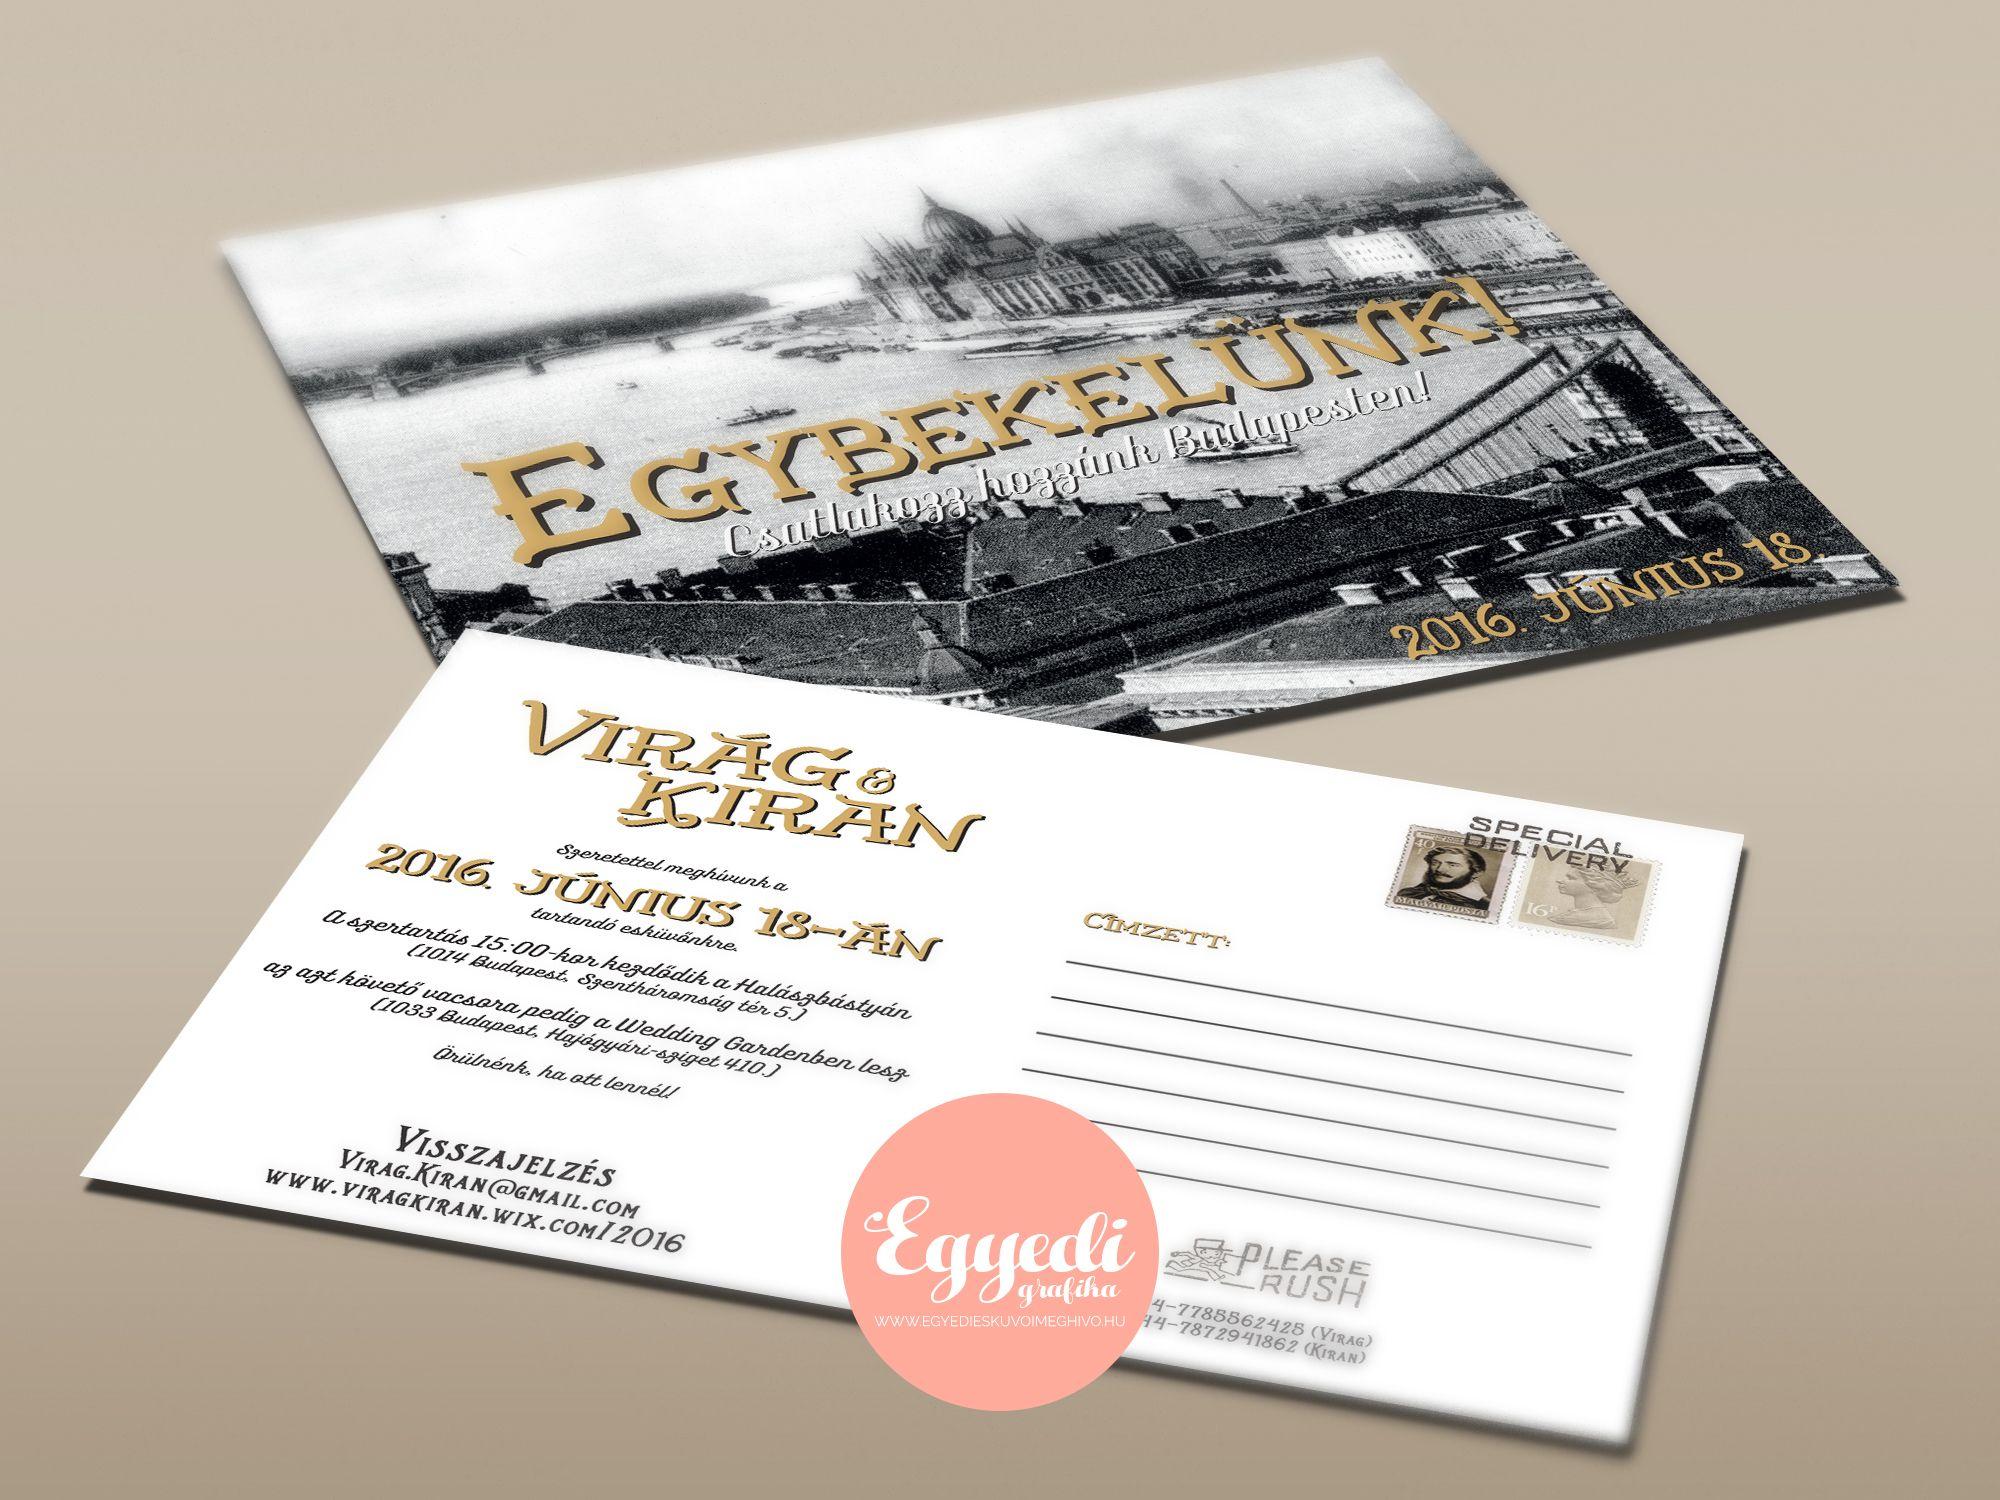 b1810f913a9 VIRÁG ÉS KIRAN EGYEDI ESKÜVŐI MEGHÍVÓJA - Egyedi esküvői meghívó tervezés  és készítés